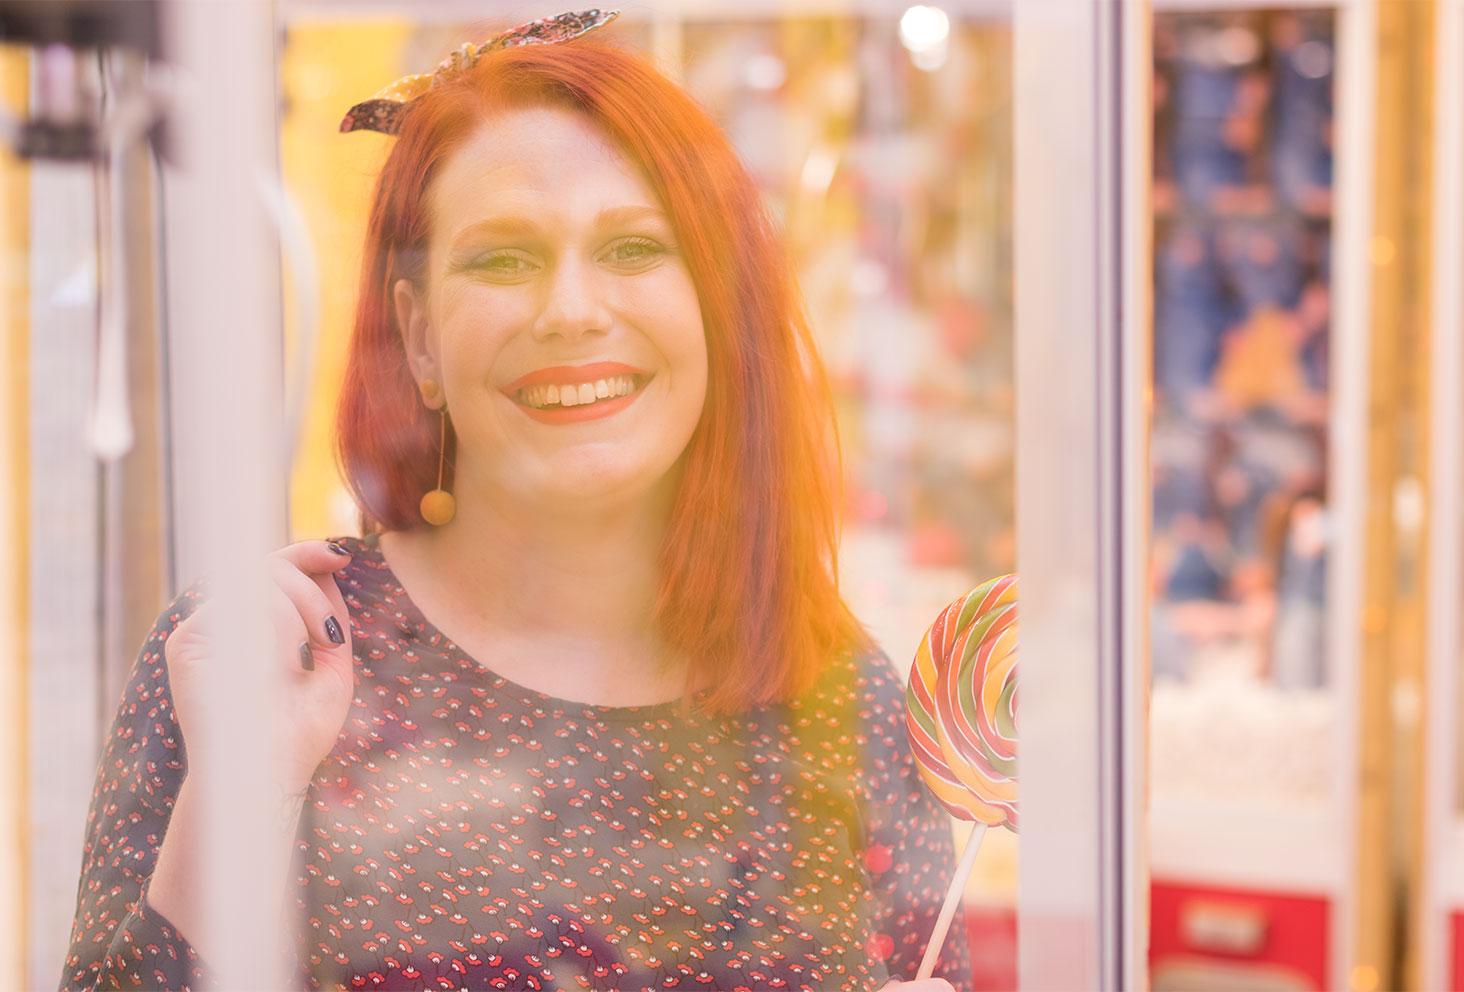 Portrait au travers d'une vitre avec le sourire du rouge à lèvres rouge et boucles d'oreilles jaune